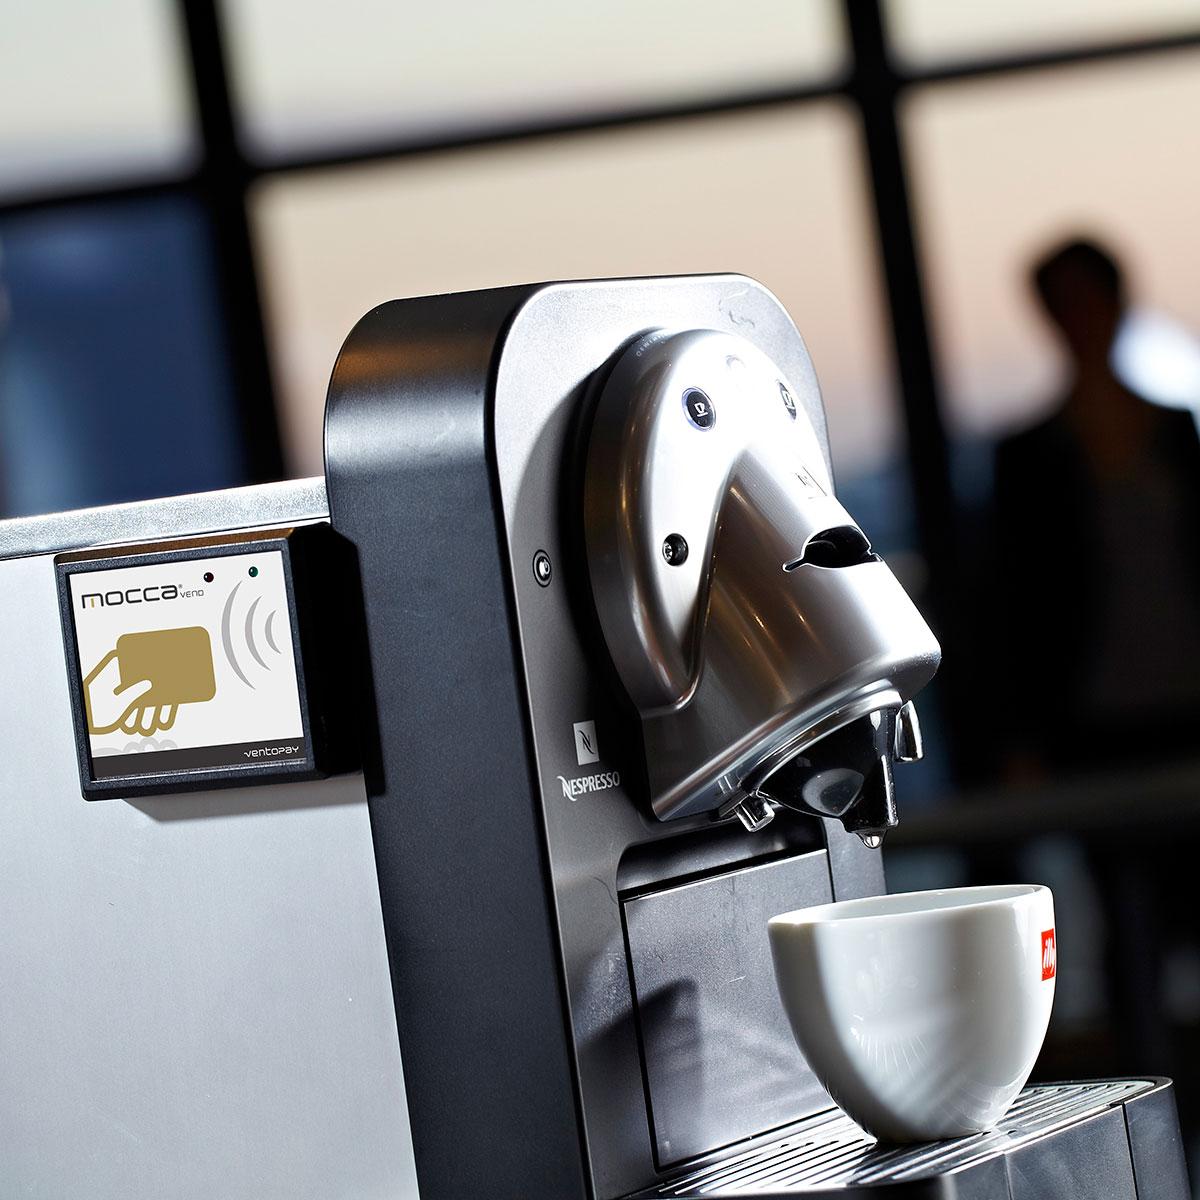 mocca.vend Automatenmodul auf Kaffeemaschine